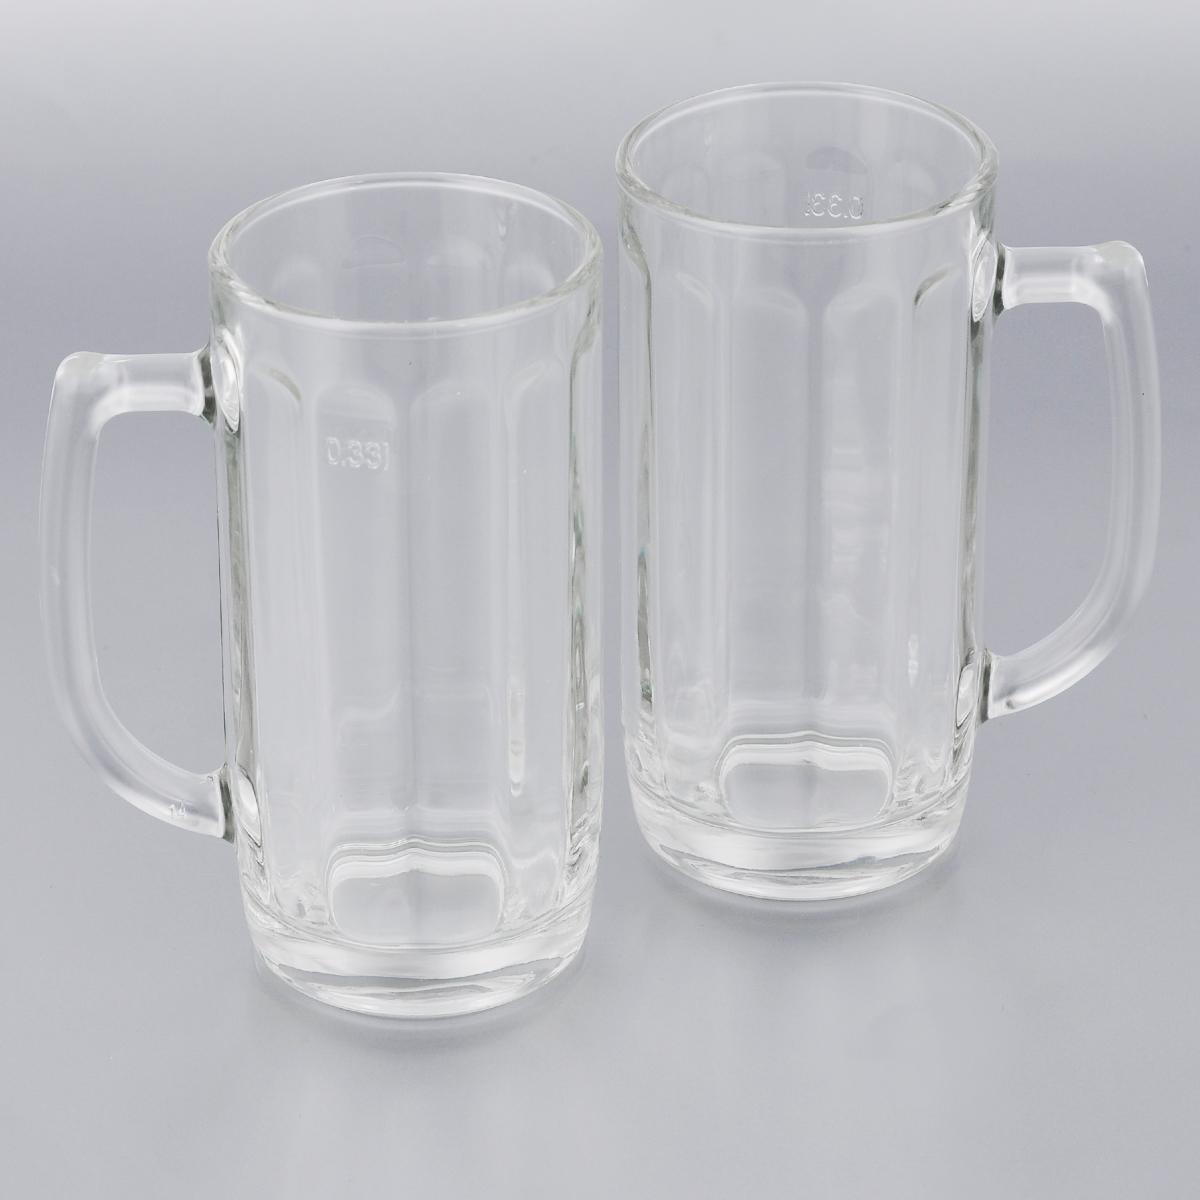 Набор кружек для пива Luminarc Гамбург, 330 мл, 2 штVT-1520(SR)Набор Luminarc Гамбург состоит из двух кружек, выполненных из упрочненного стекла. Кружки предназначены для подачи пива. Они сочетают в себе элегантный дизайн и функциональность. Грани кружек подчеркнут цвет напитка, а толщина стенок поможет сохранить пиво прохладным. Благодаря такому набору кружек пить напитки будет еще приятнее.Набор кружек для пива Luminarc Гамбург идеально подойдет для сервировки стола и станет отличным подарком к любому празднику. Можно мыть в посудомоечной машине.Диаметр кружек: 7 см.Высота кружек: 15 см.